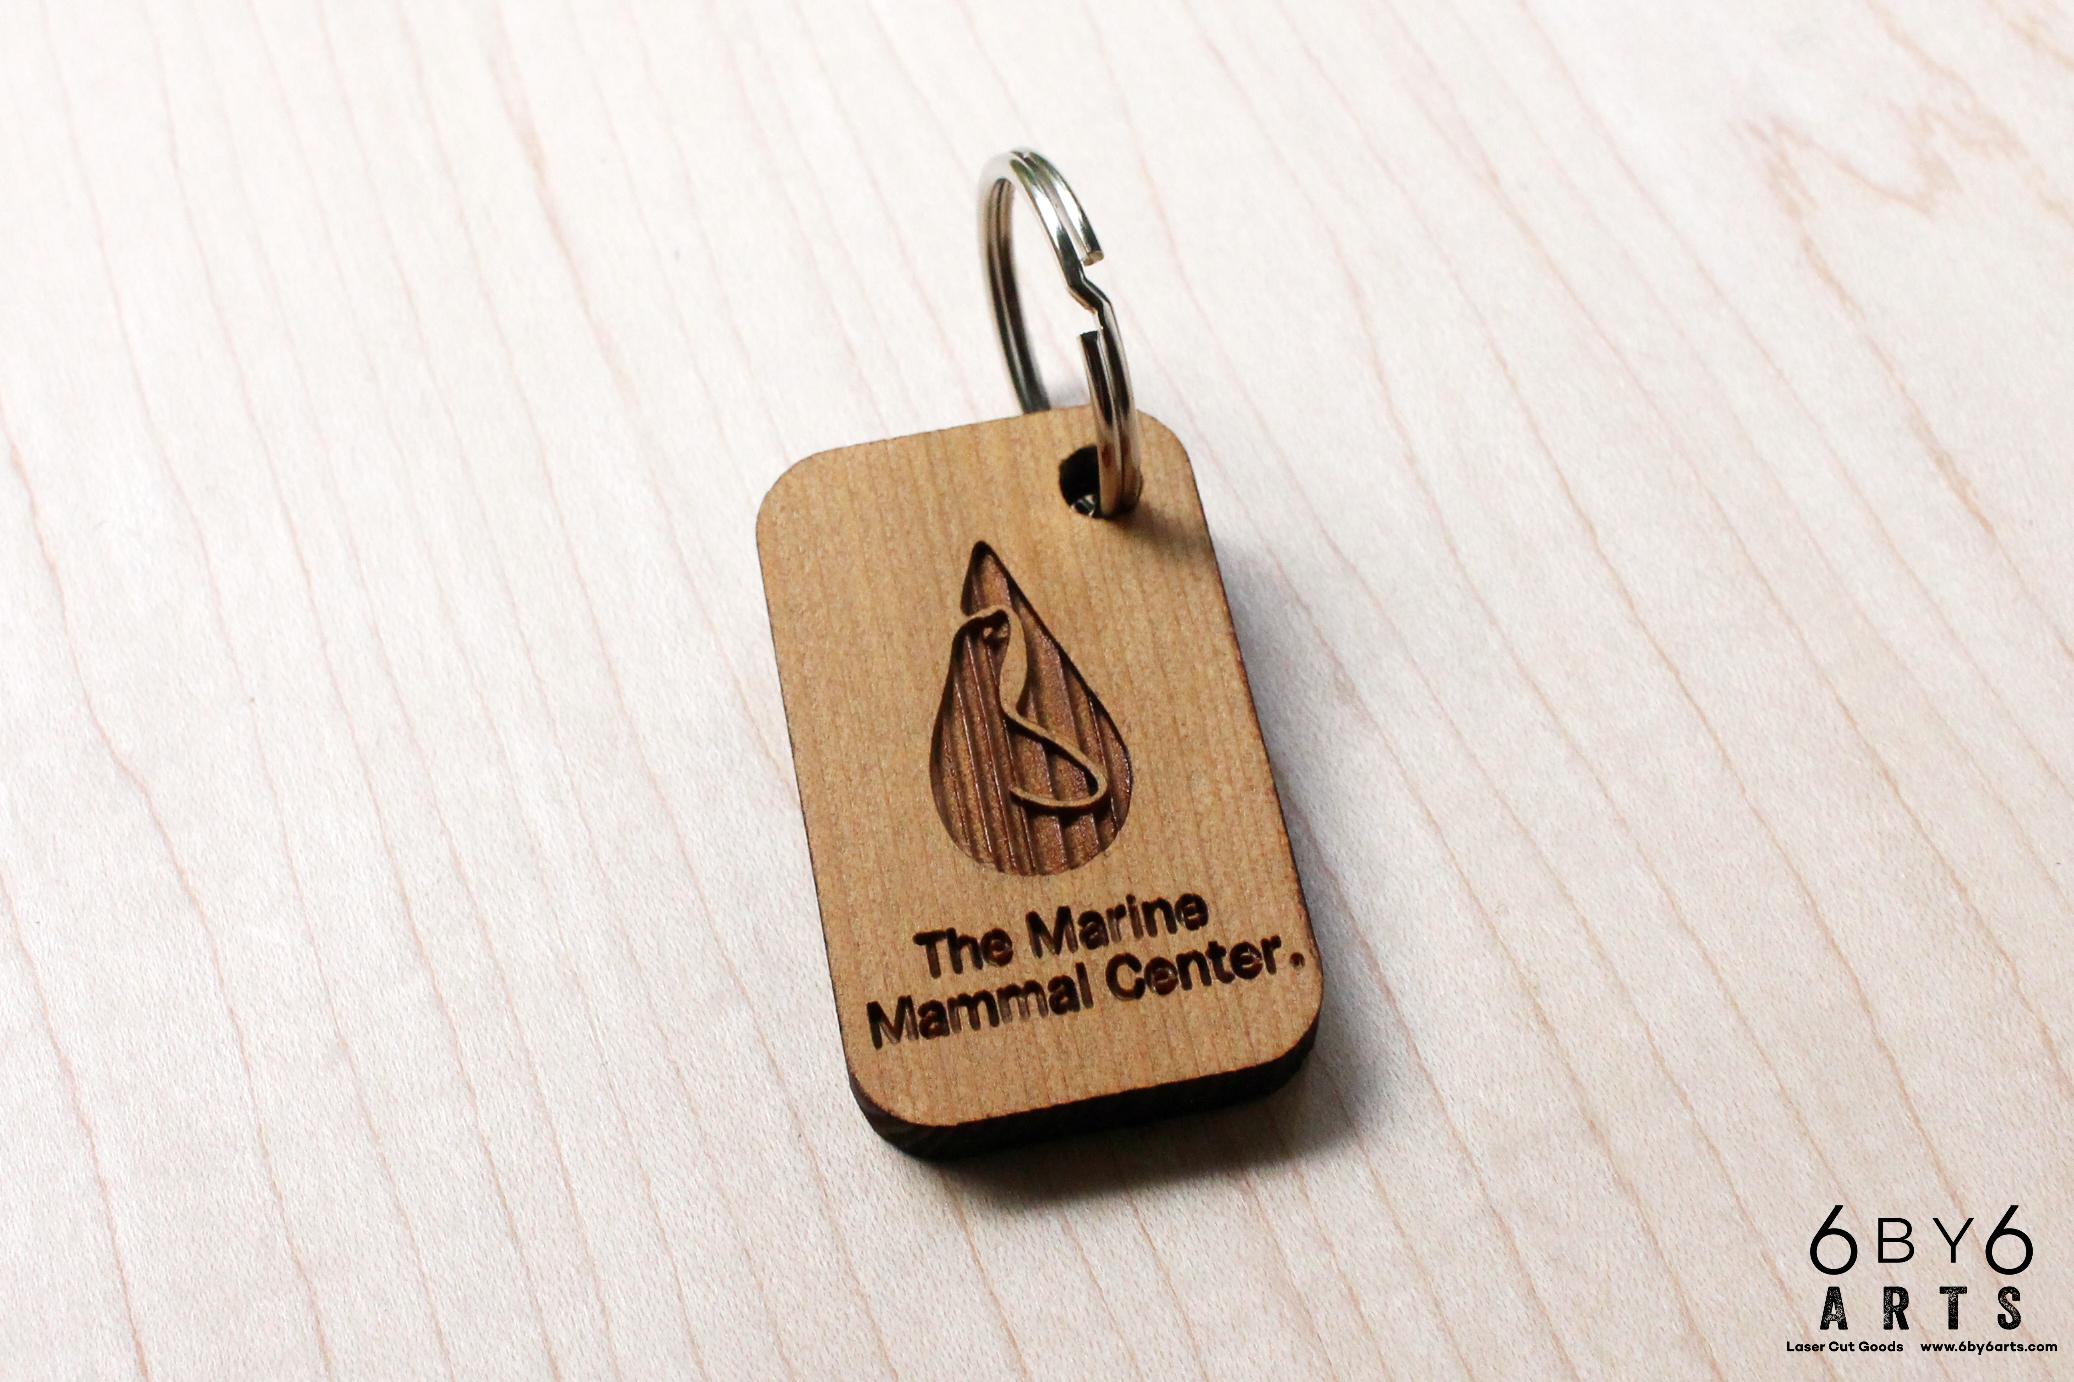 TheMarineMammalCenter.jpg